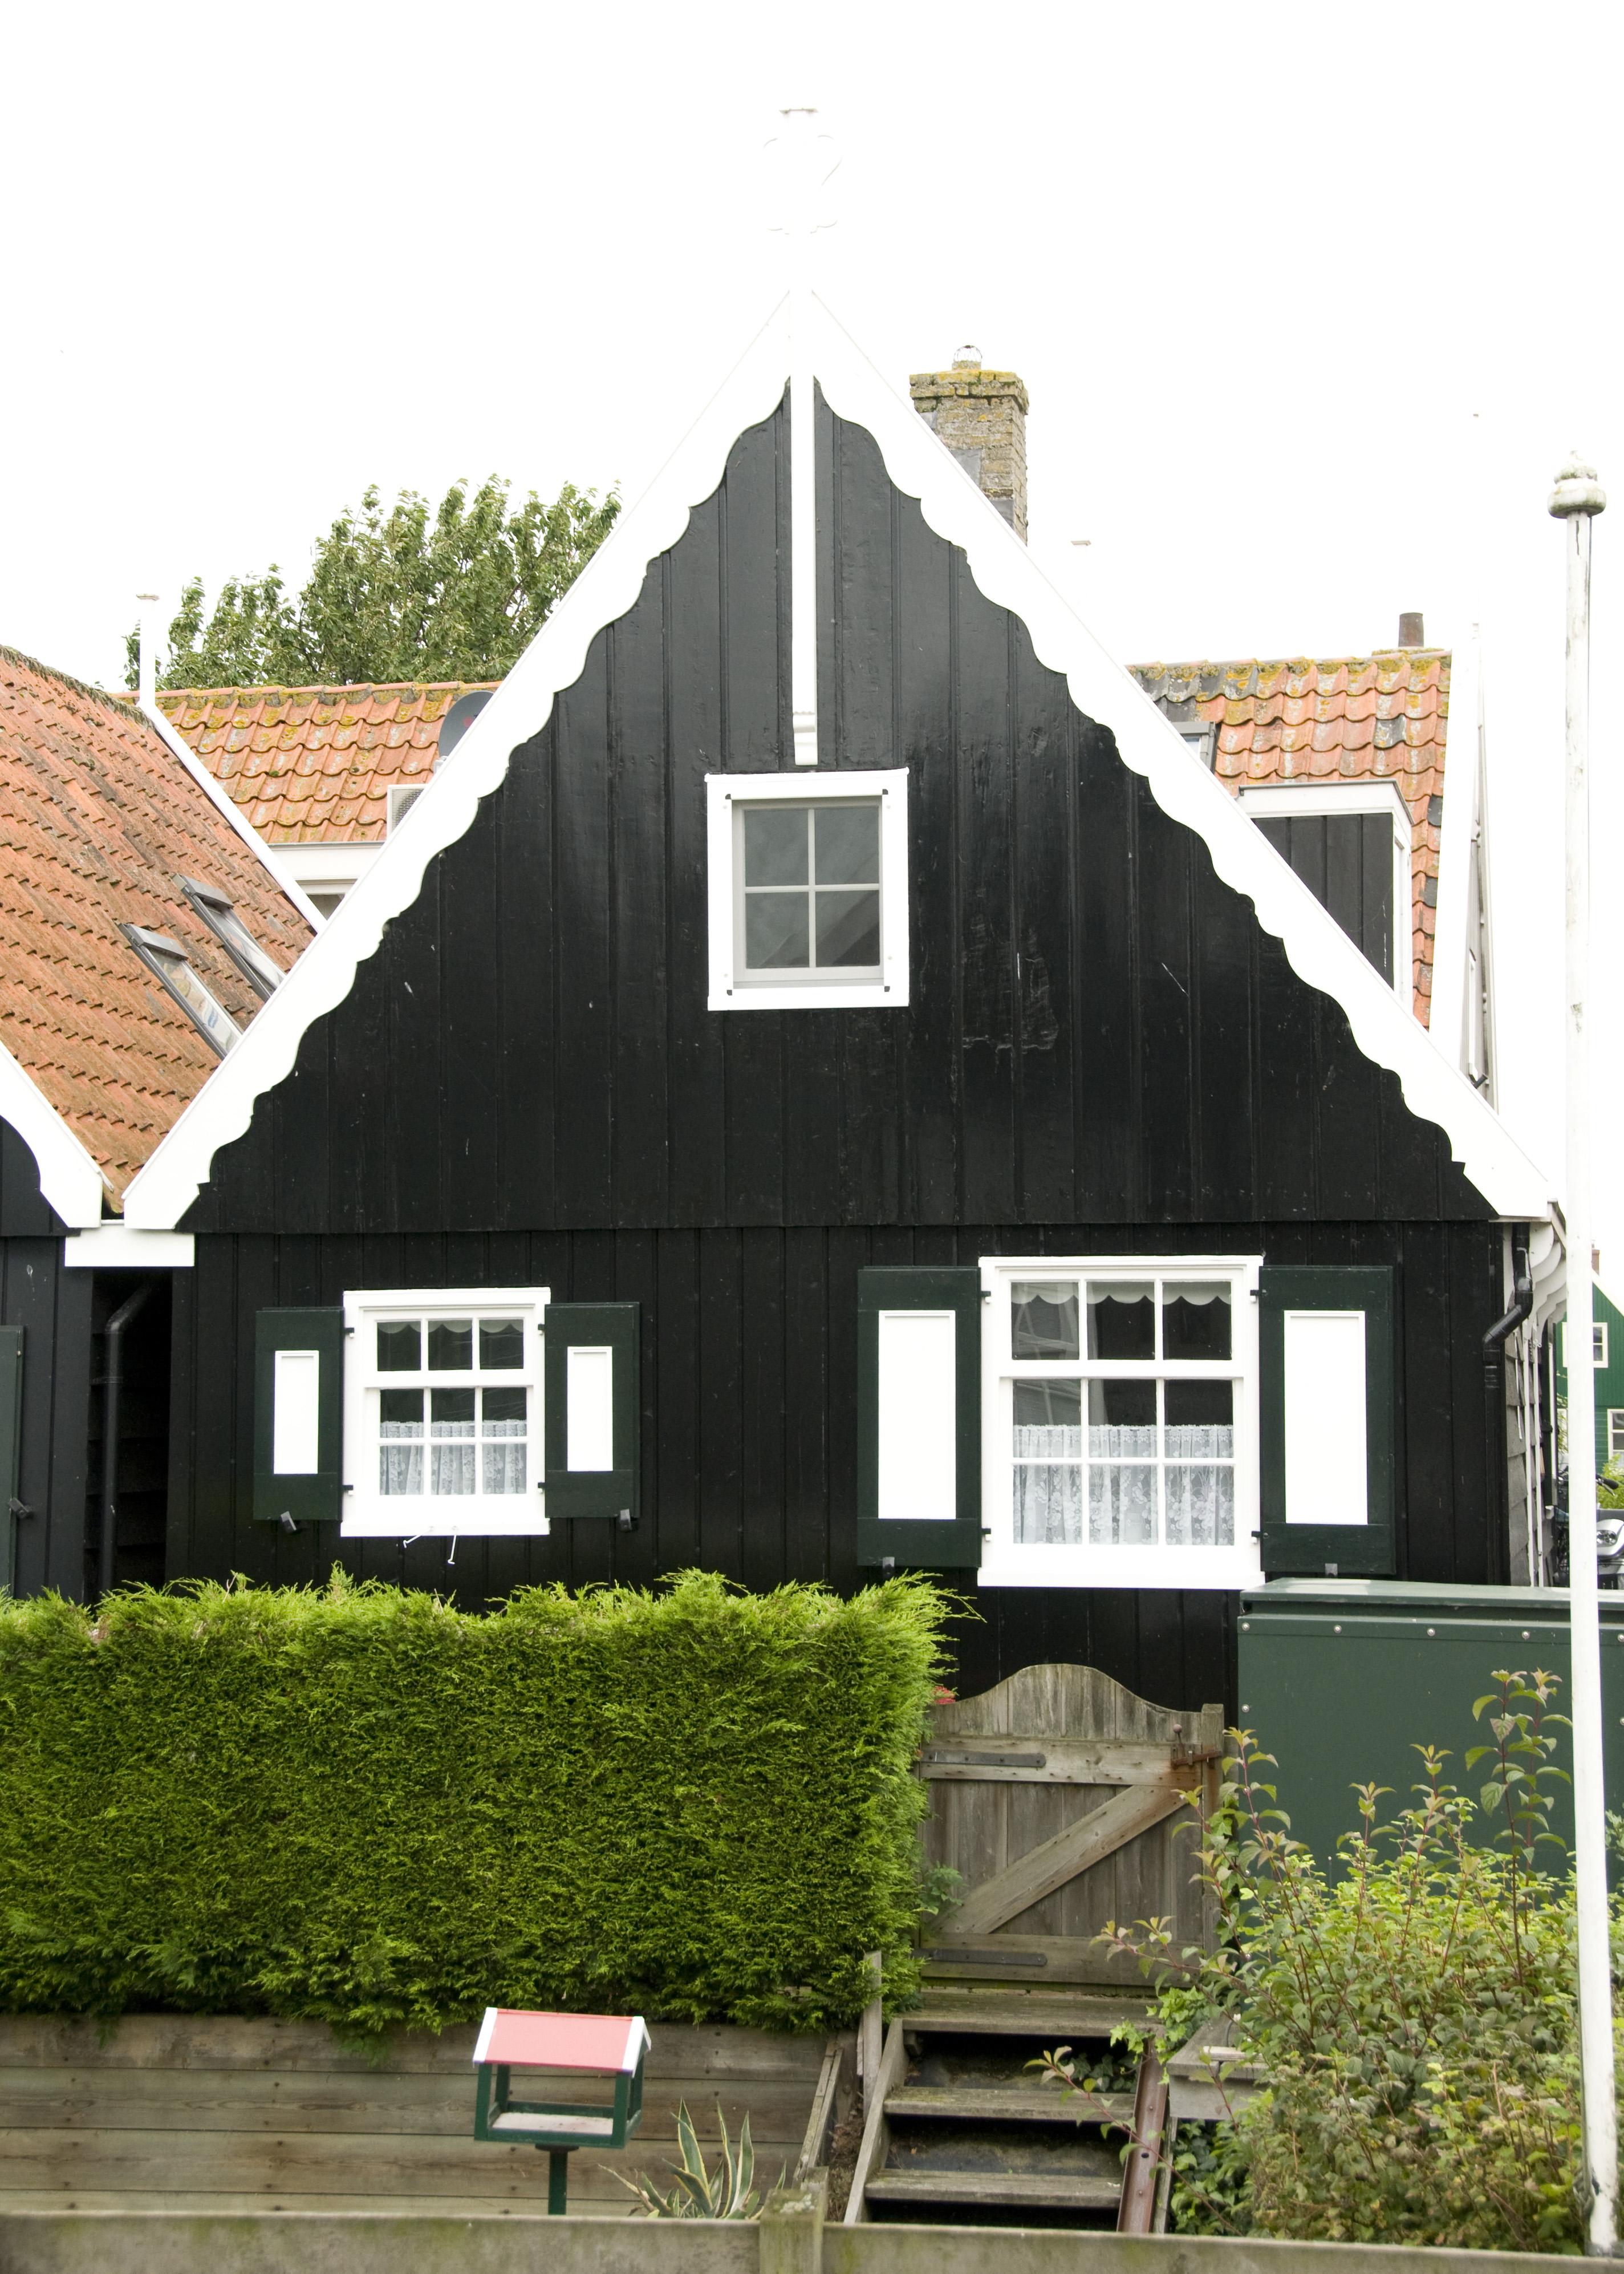 Houten huis in marken monument - Houten huis ...